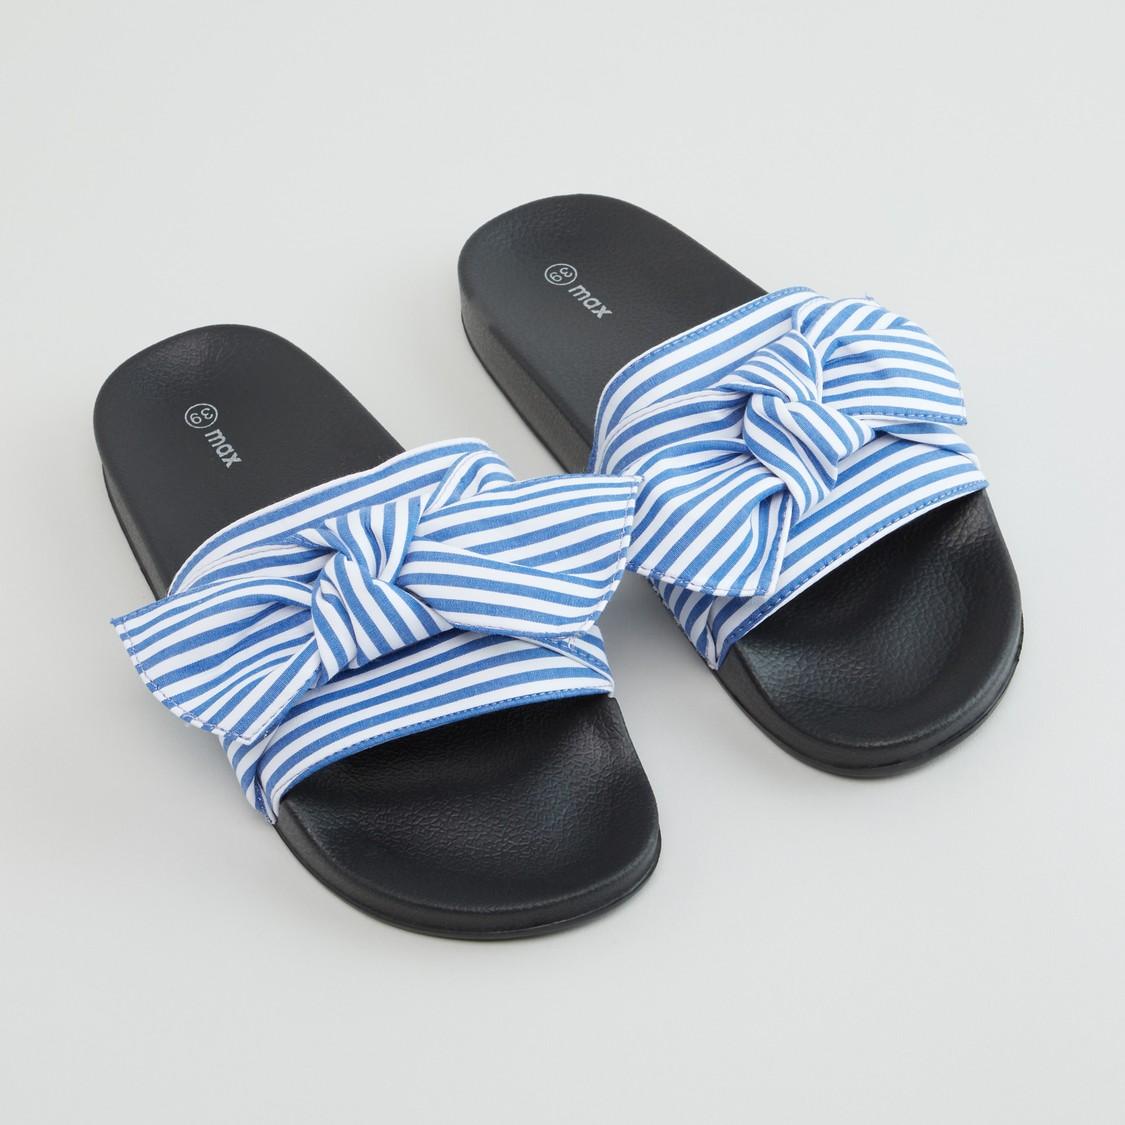 حذاء خفبف مخطط بعقدة